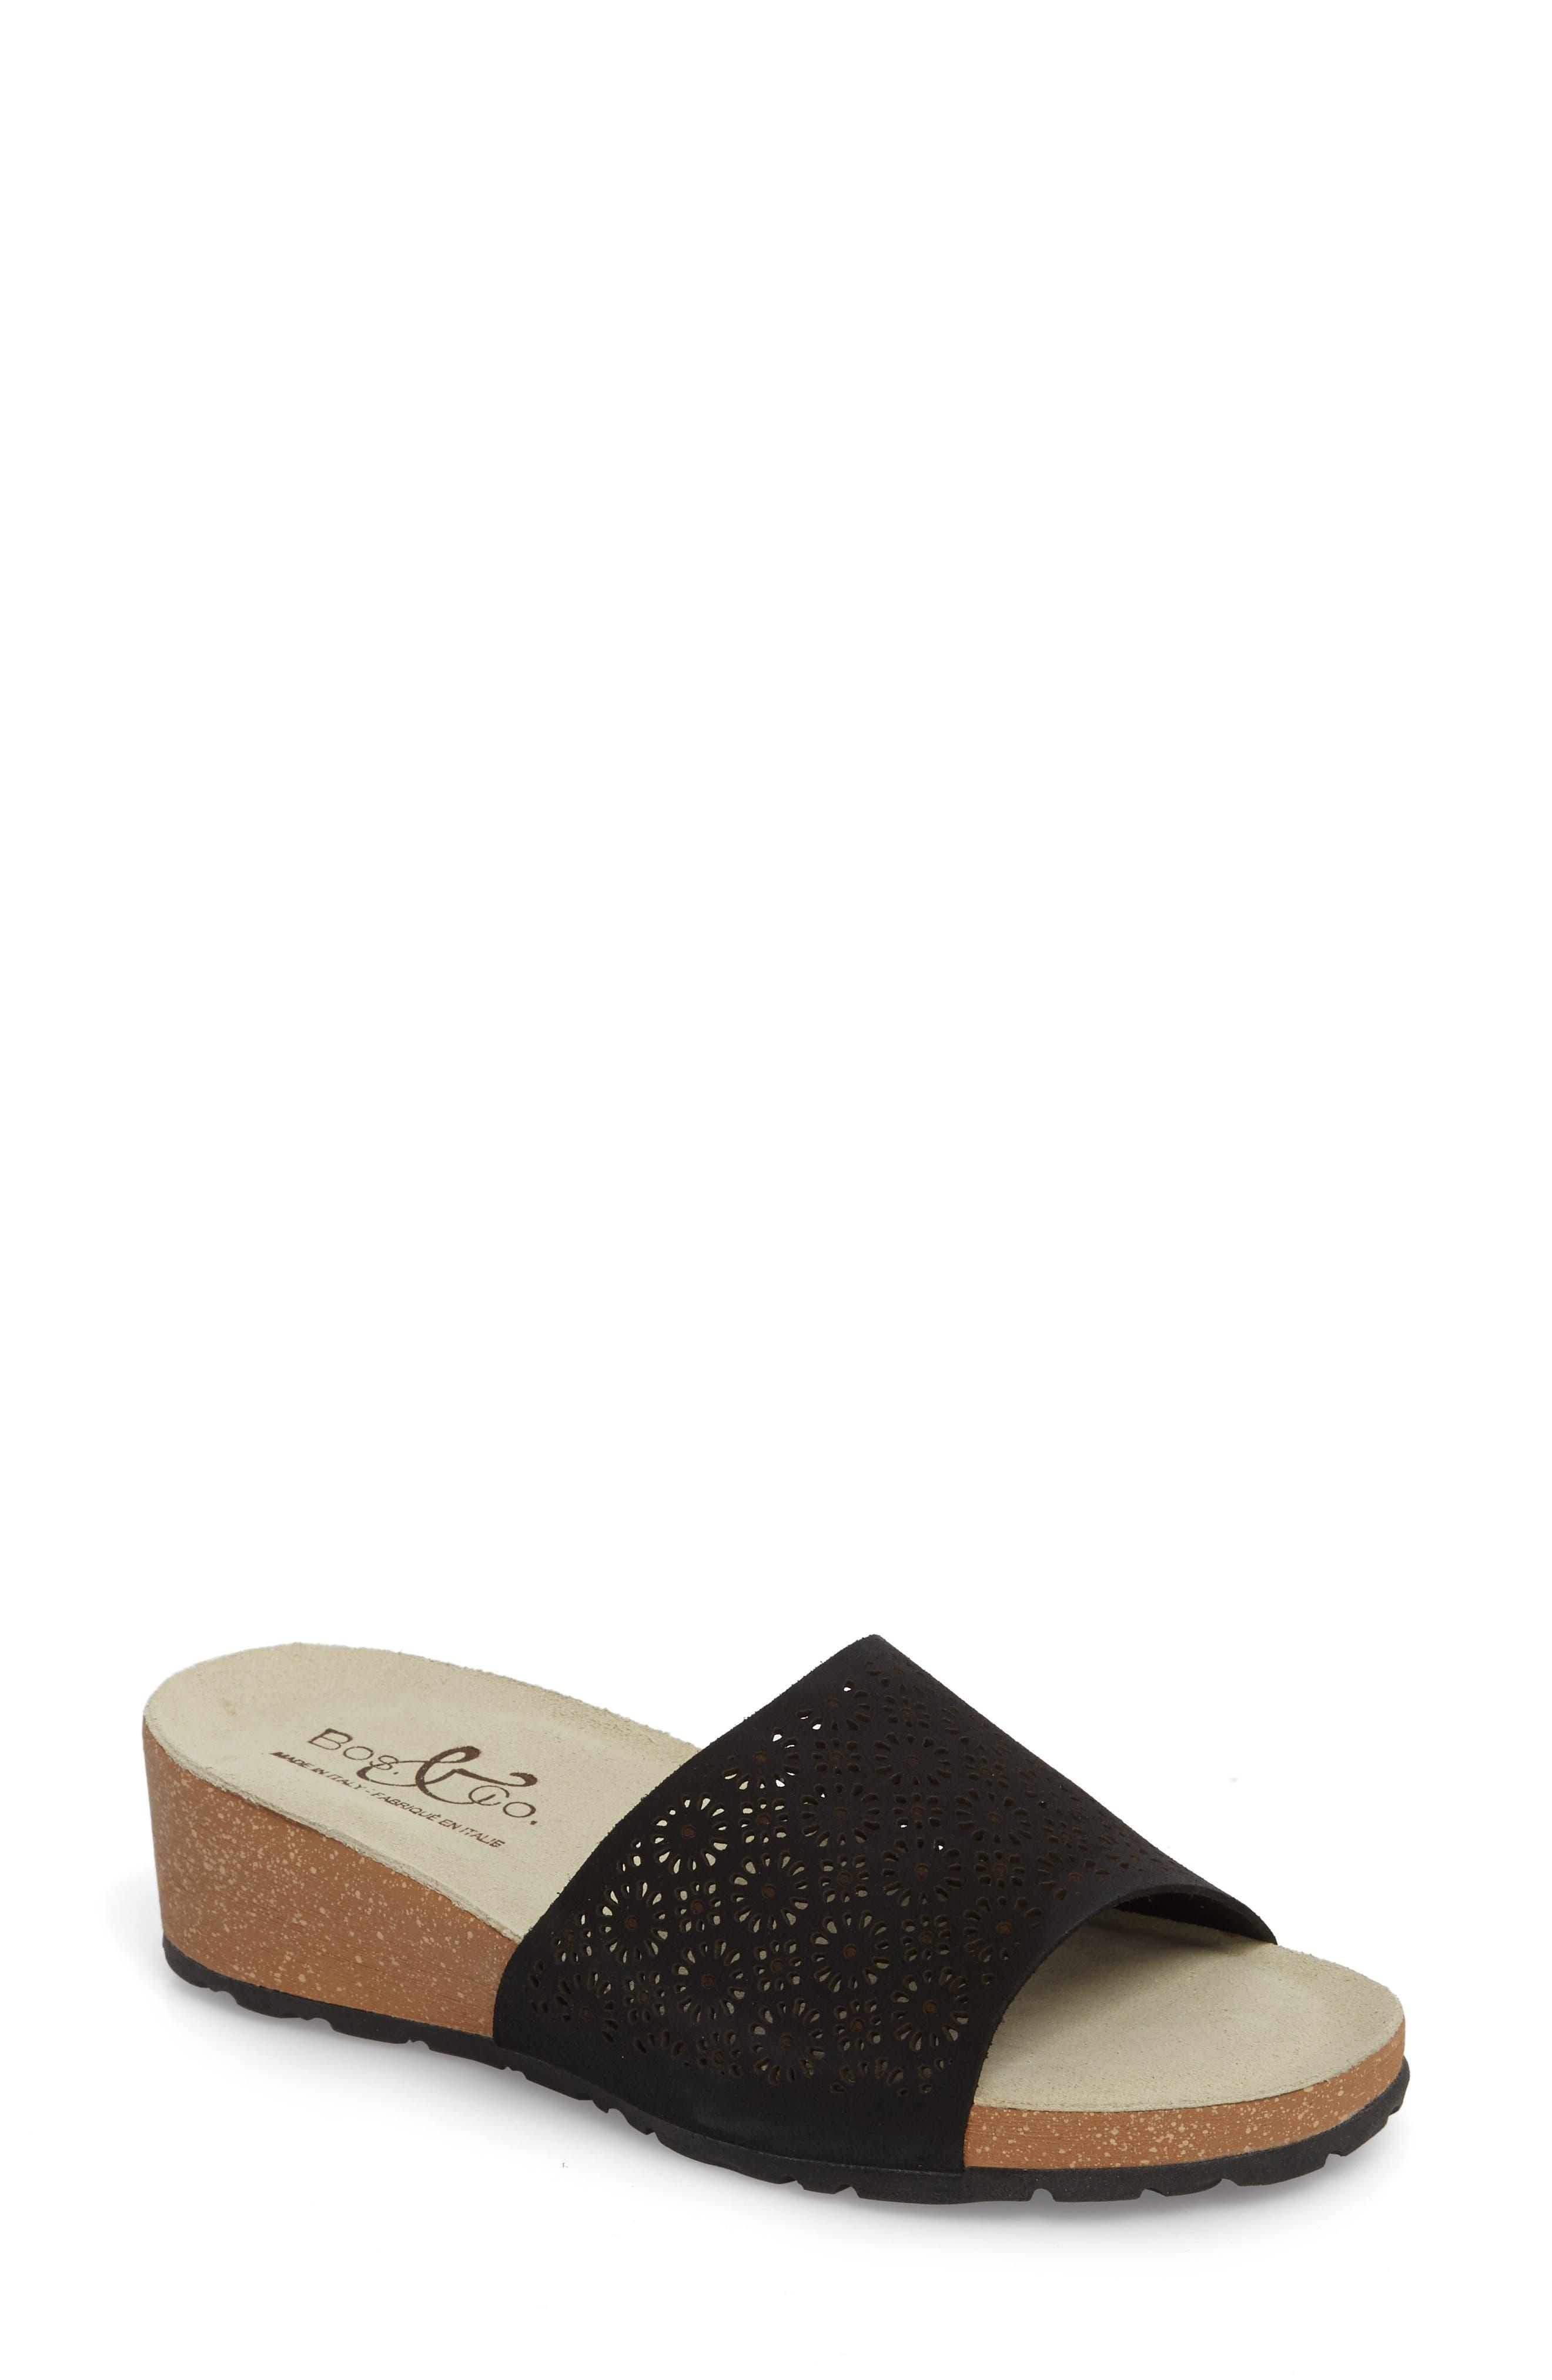 Loa Wedge Slide Sandal,                         Main,                         color, BLACK SUEDE